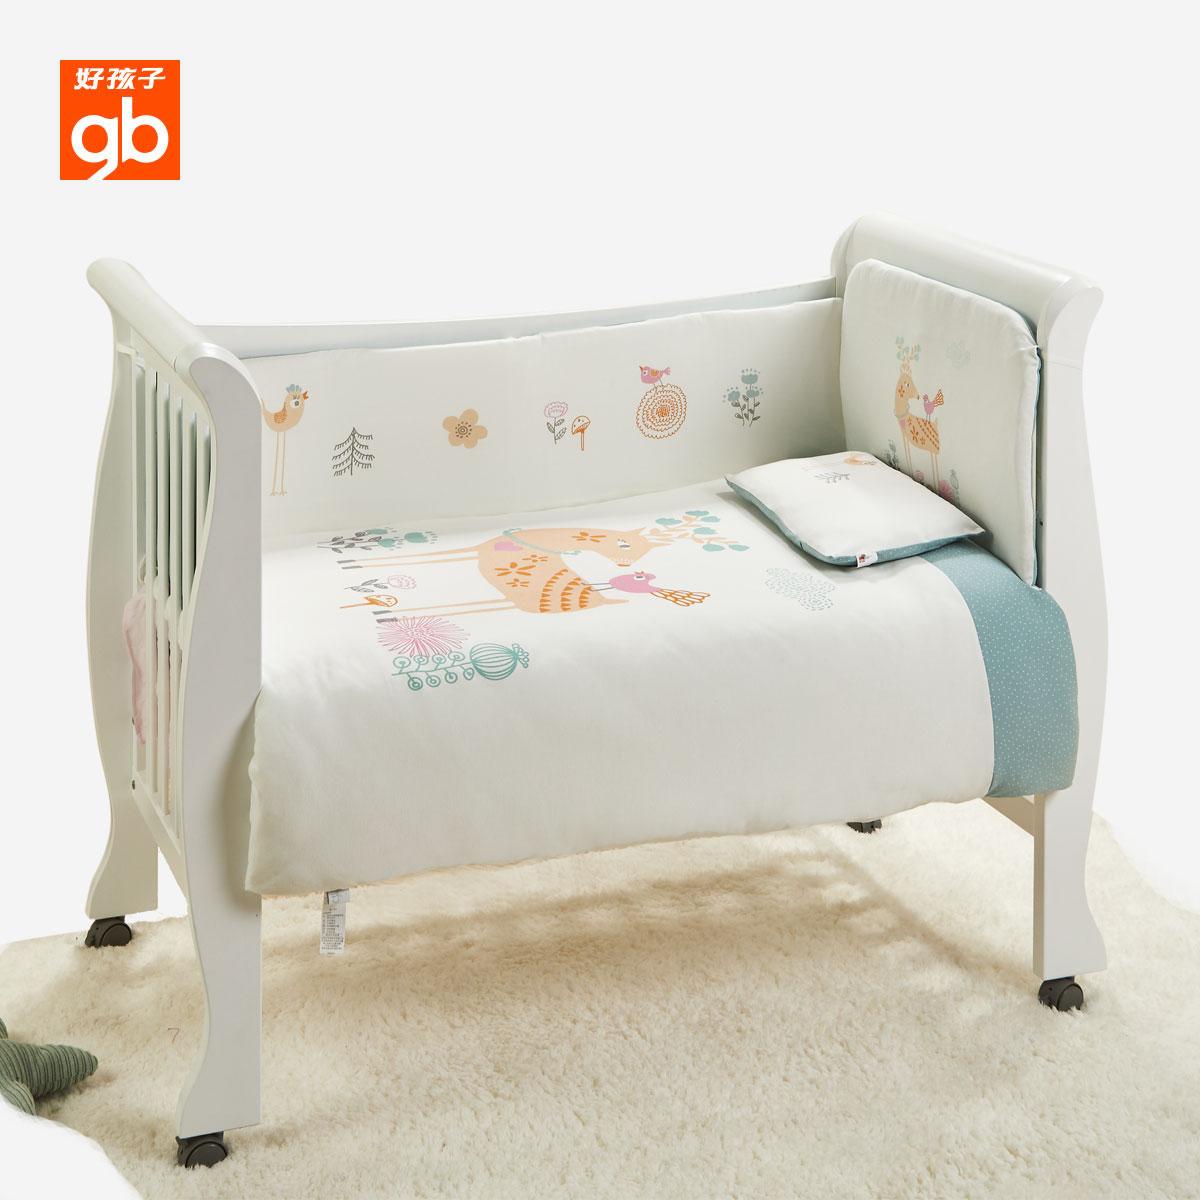 好孩子婴儿床品套件BQ17525088/BQ17535088